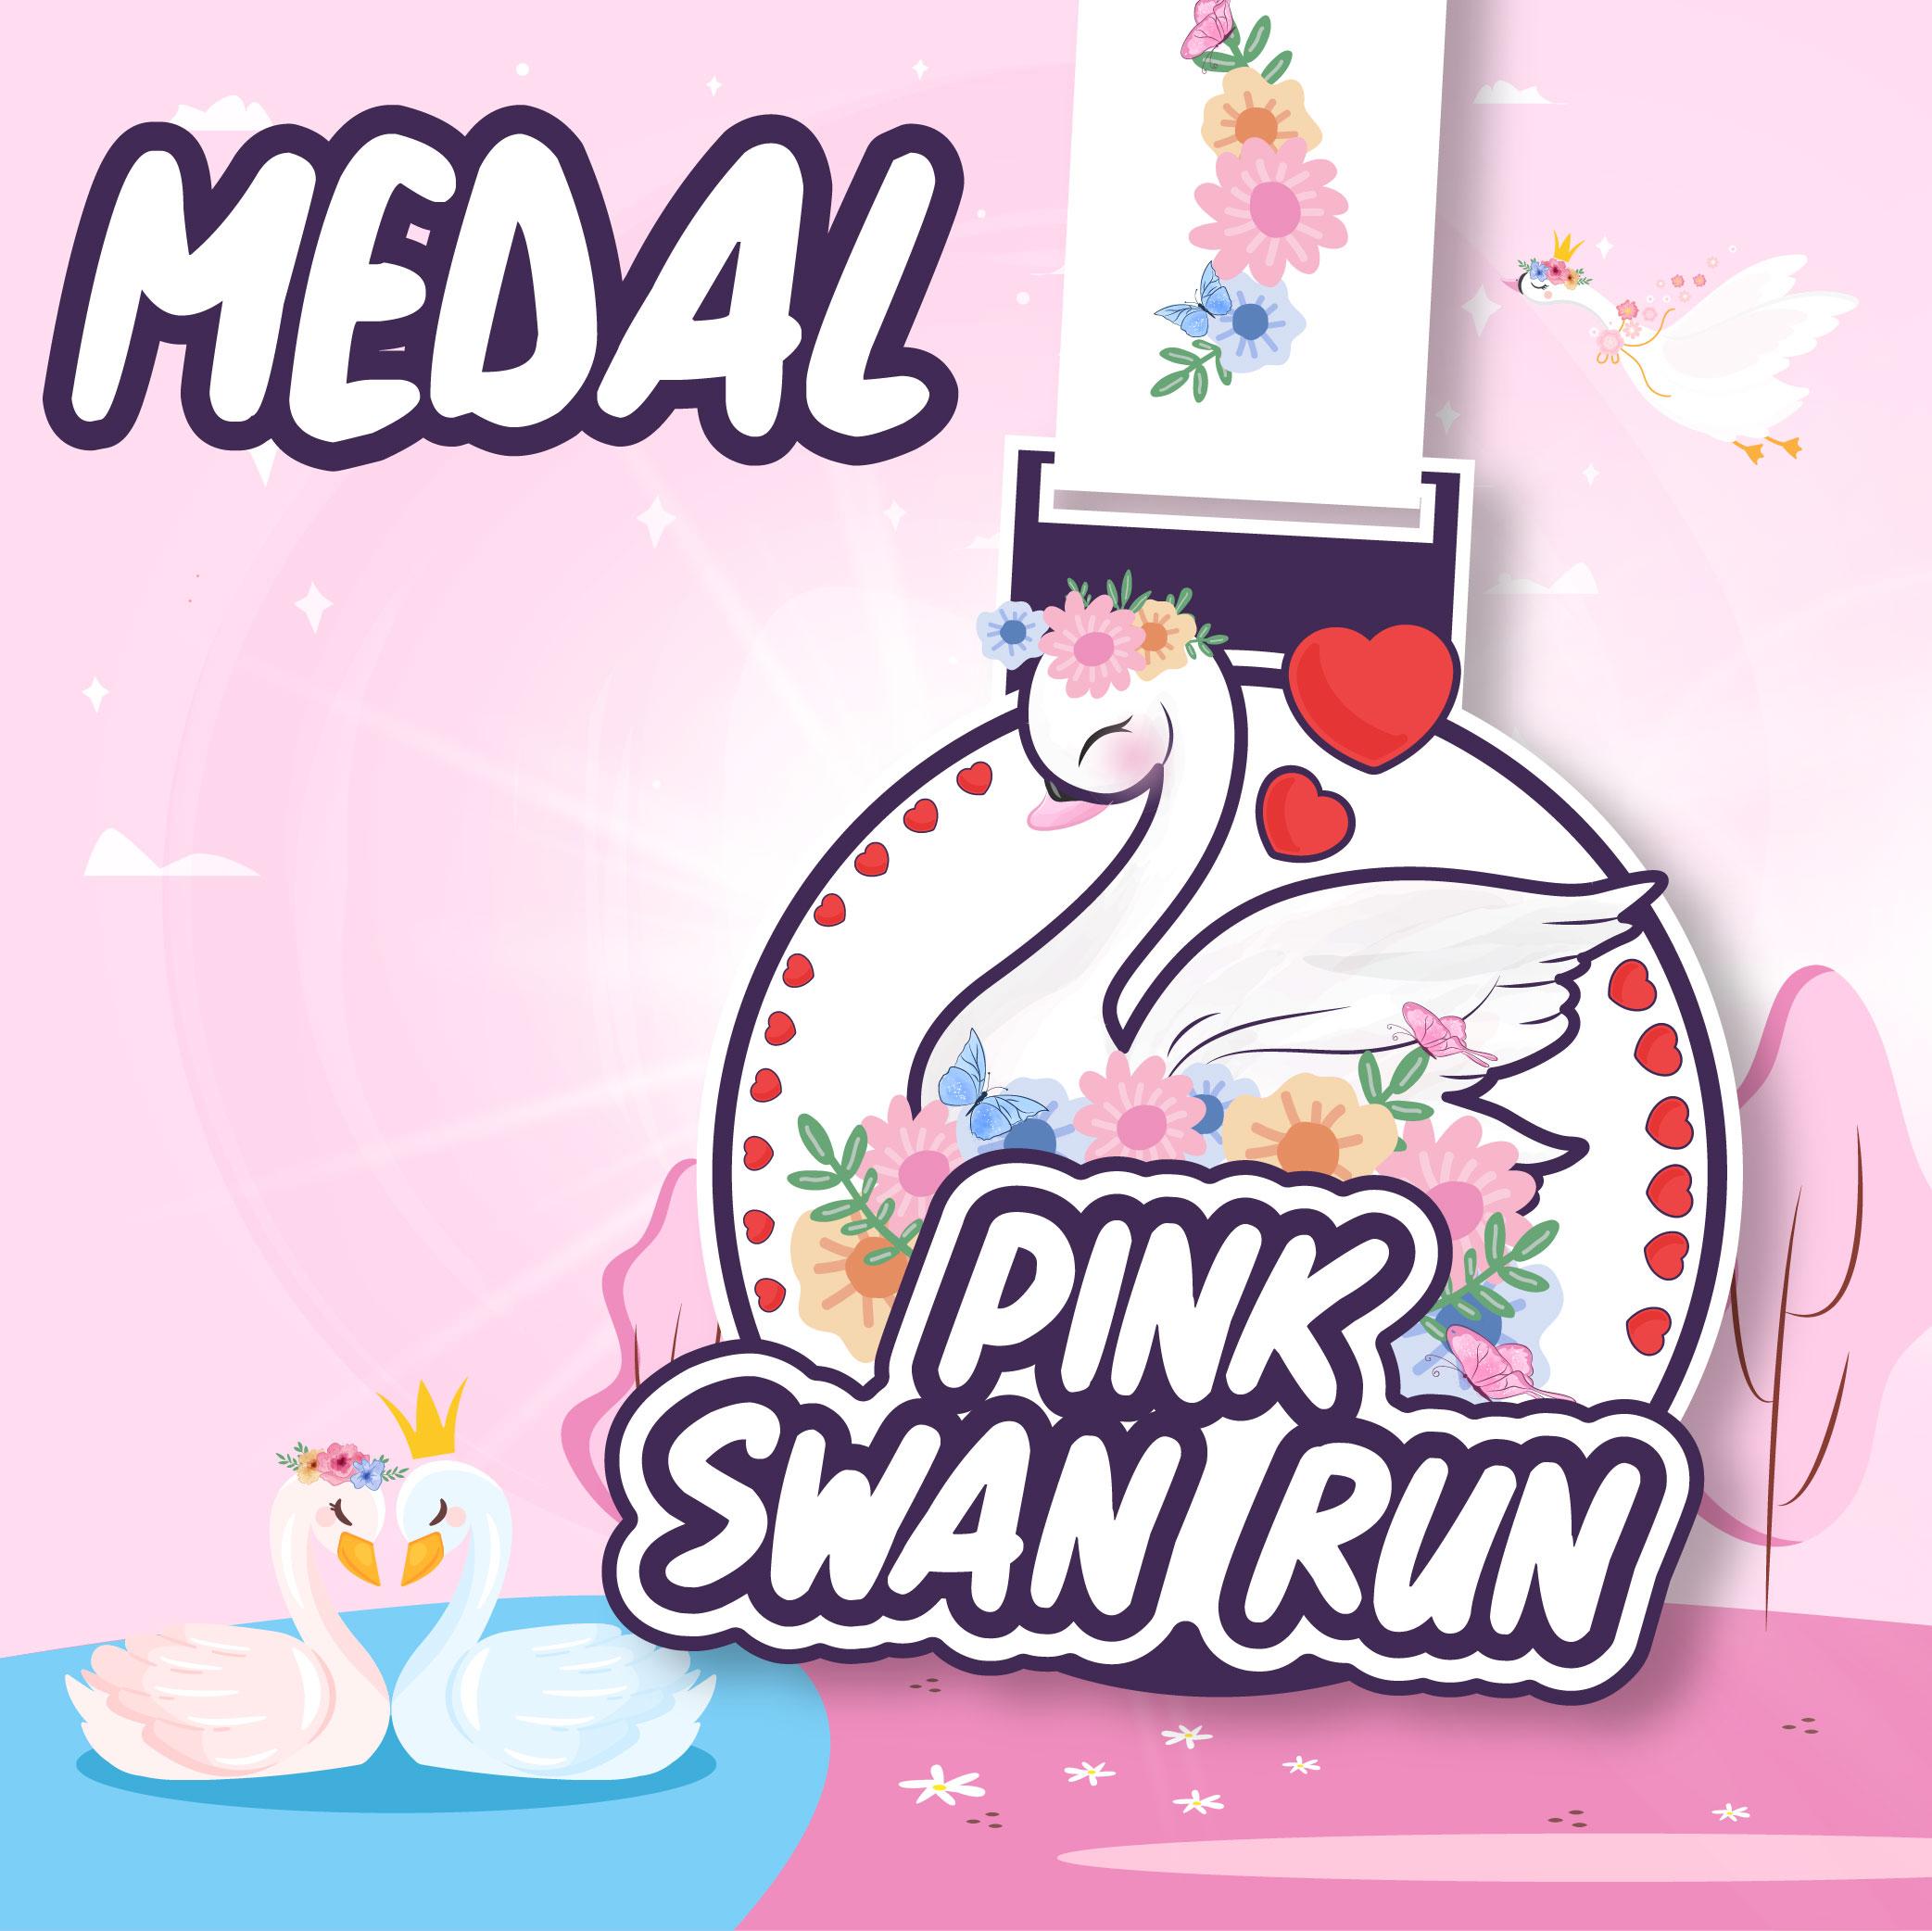 KL Pink Swan 5KM Fun Run 2021